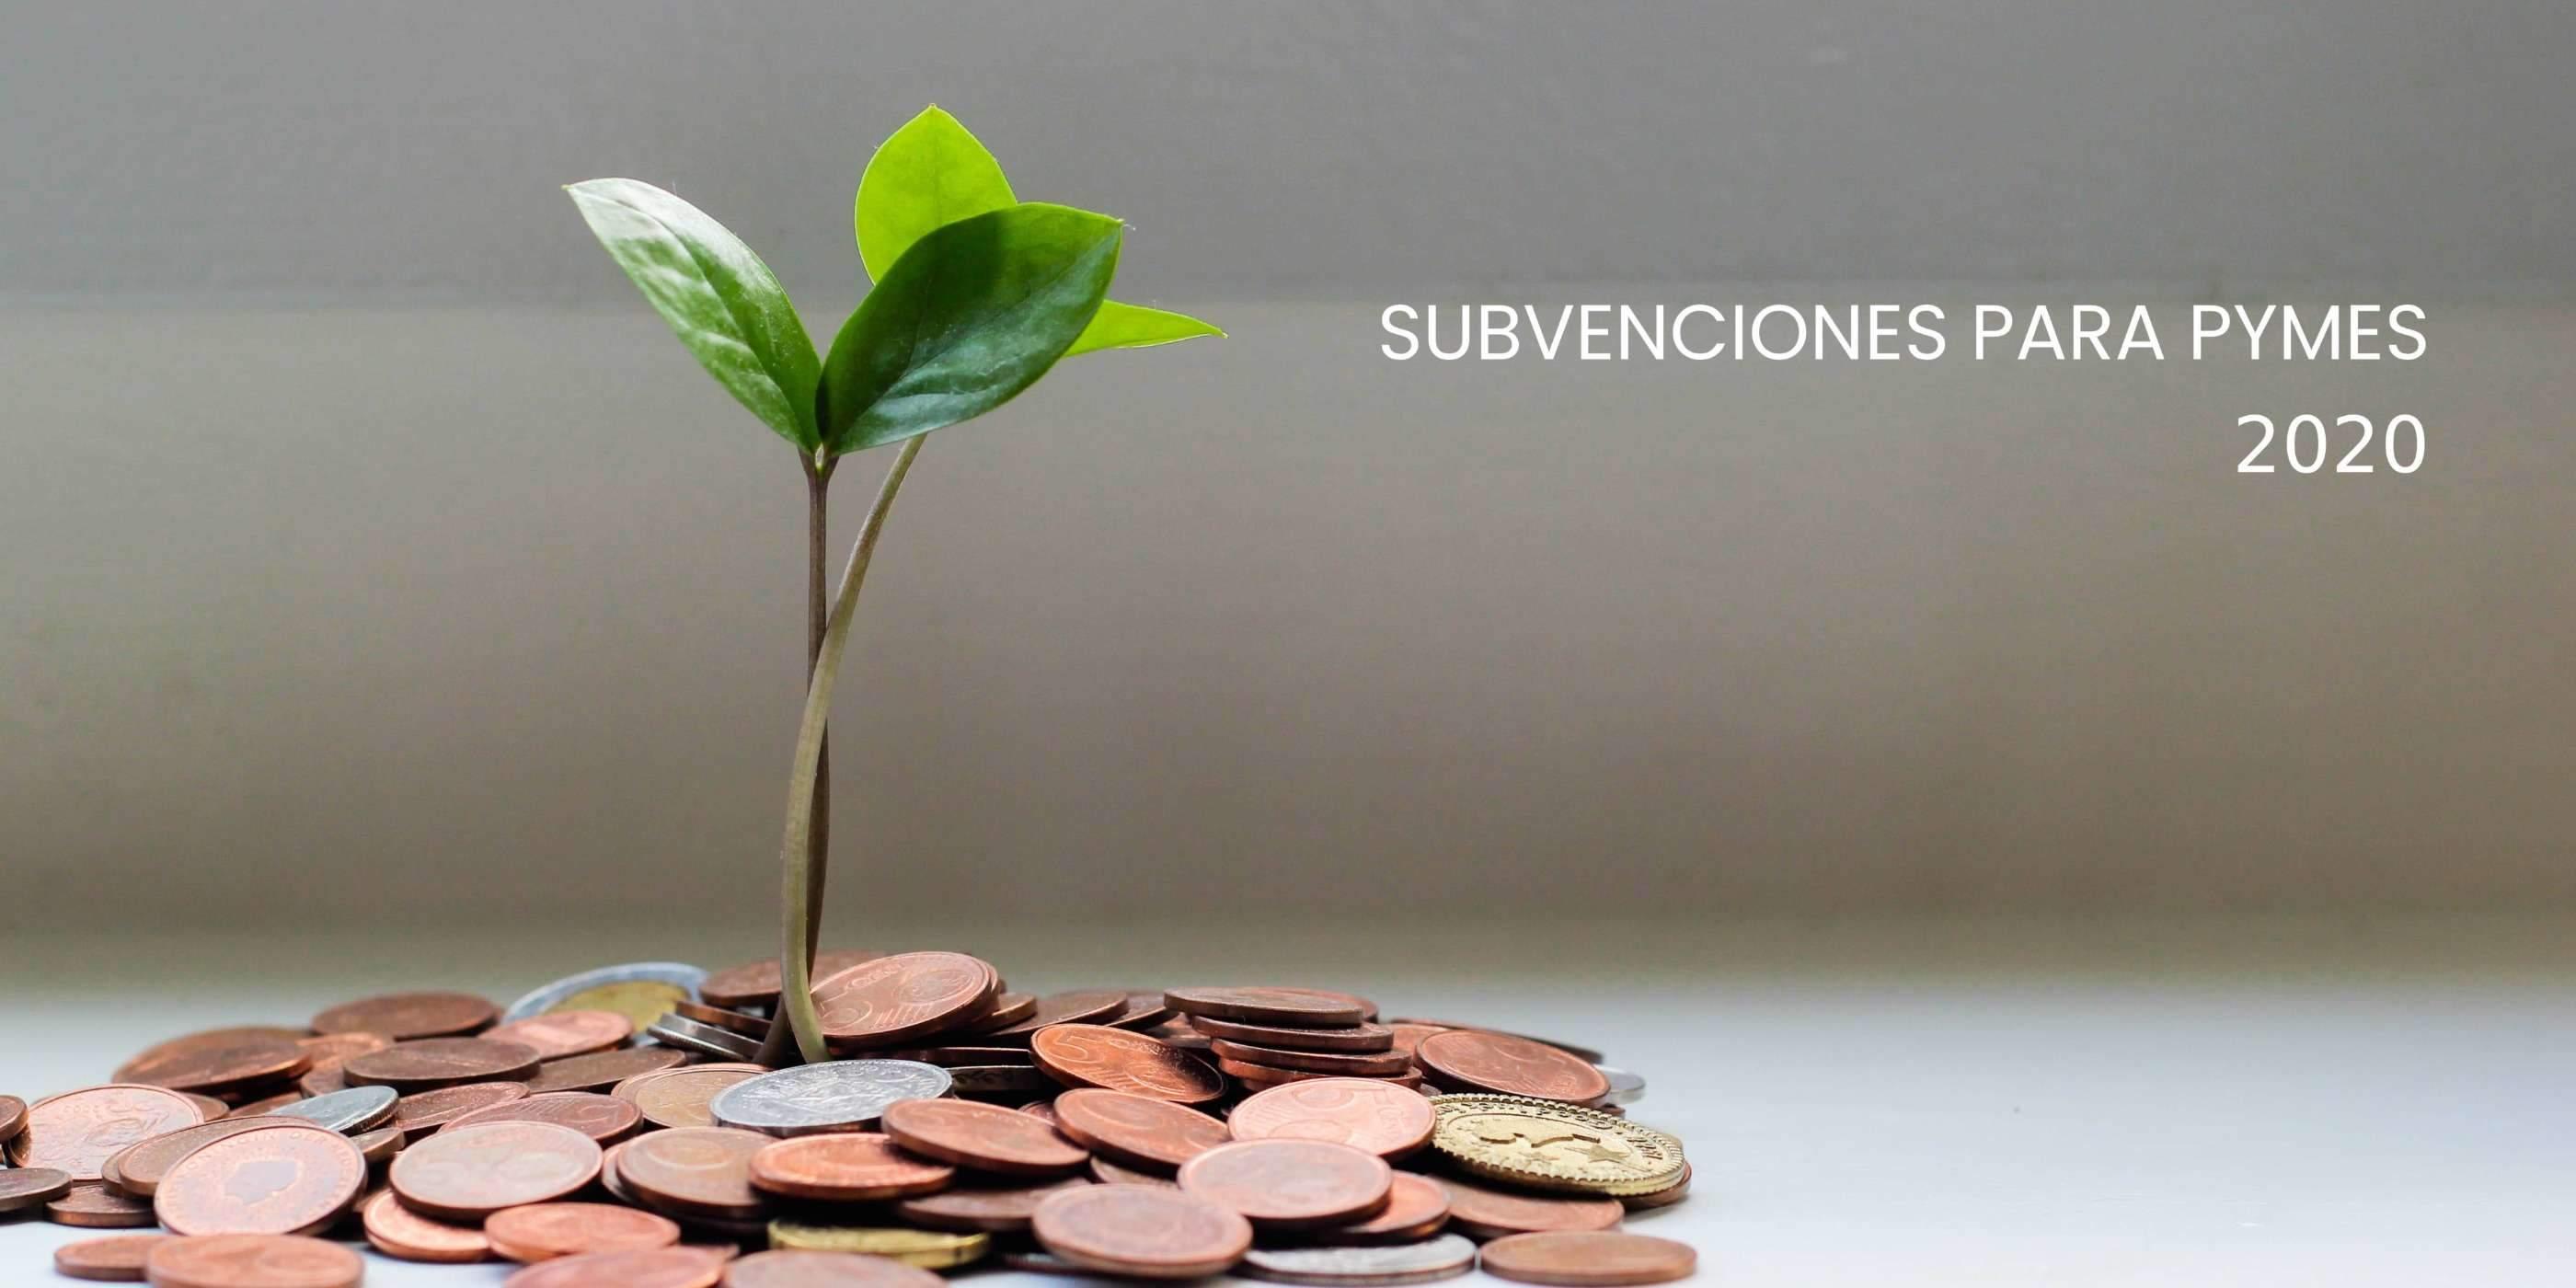 Subvenciones para reactivar la actividad comercial para PYMES por la Junta de Andalucía.